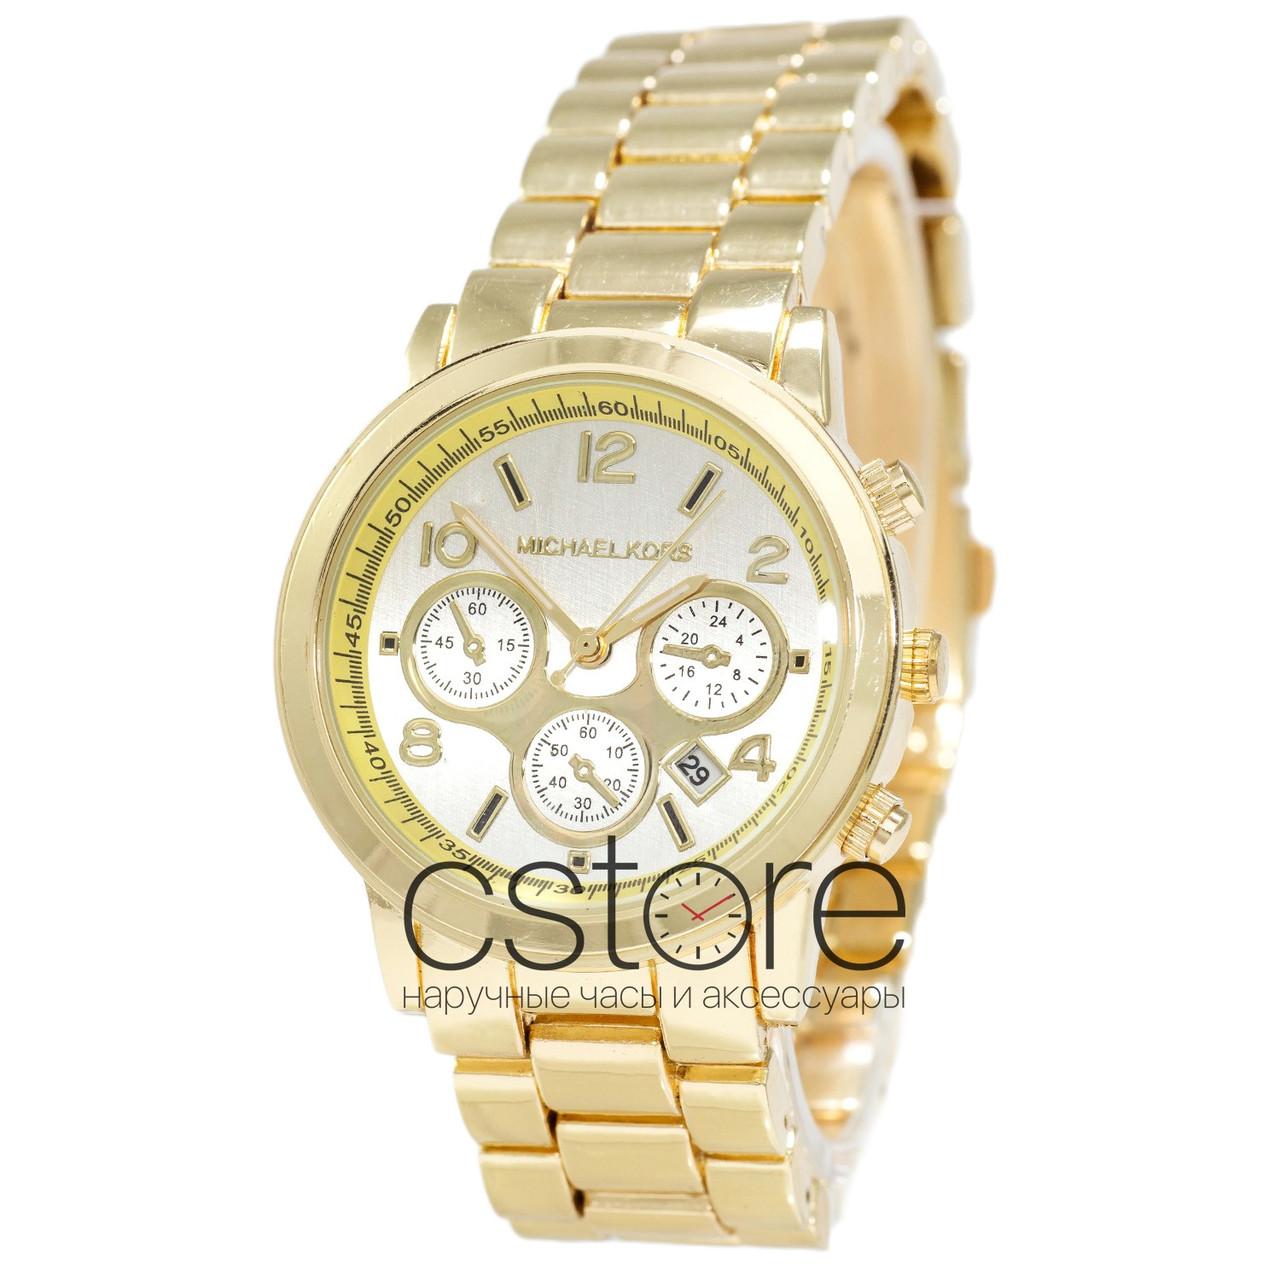 9c1378e49d35 Мужские наручные часы Michael Kors MK-10278 желтое золото с серебристым  циферблатом (22209)